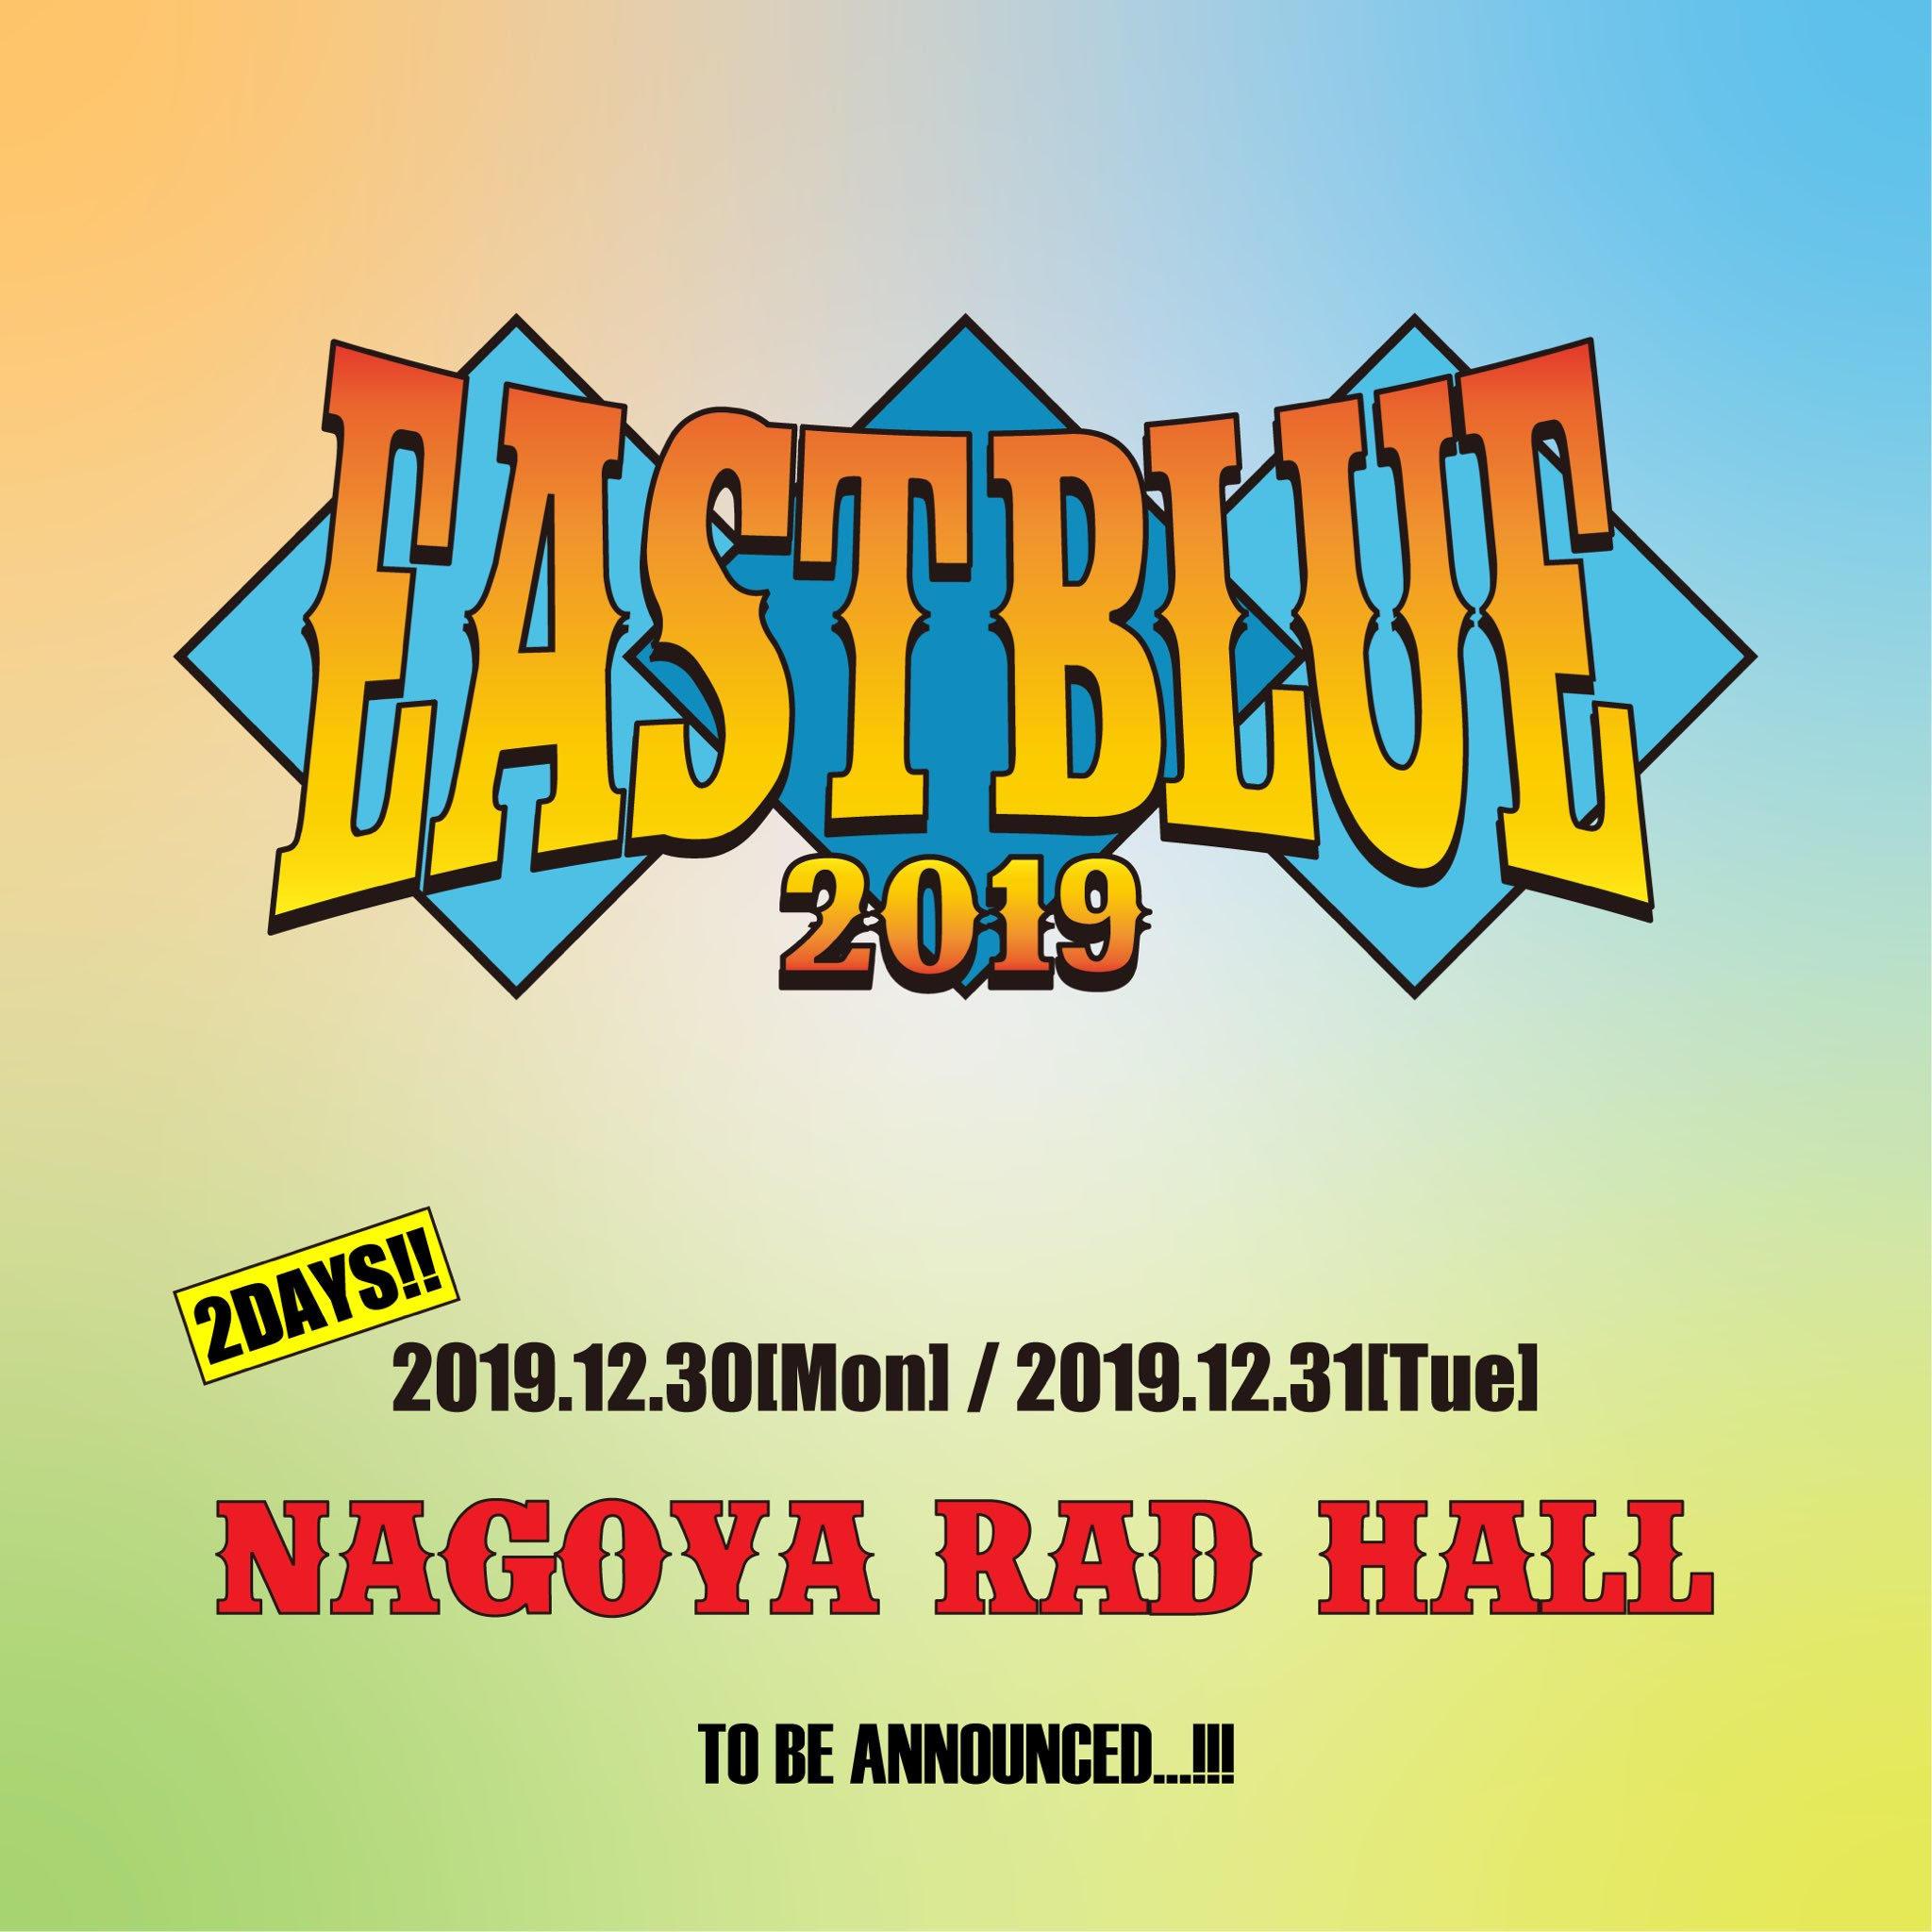 【EAST BLUE 2019】